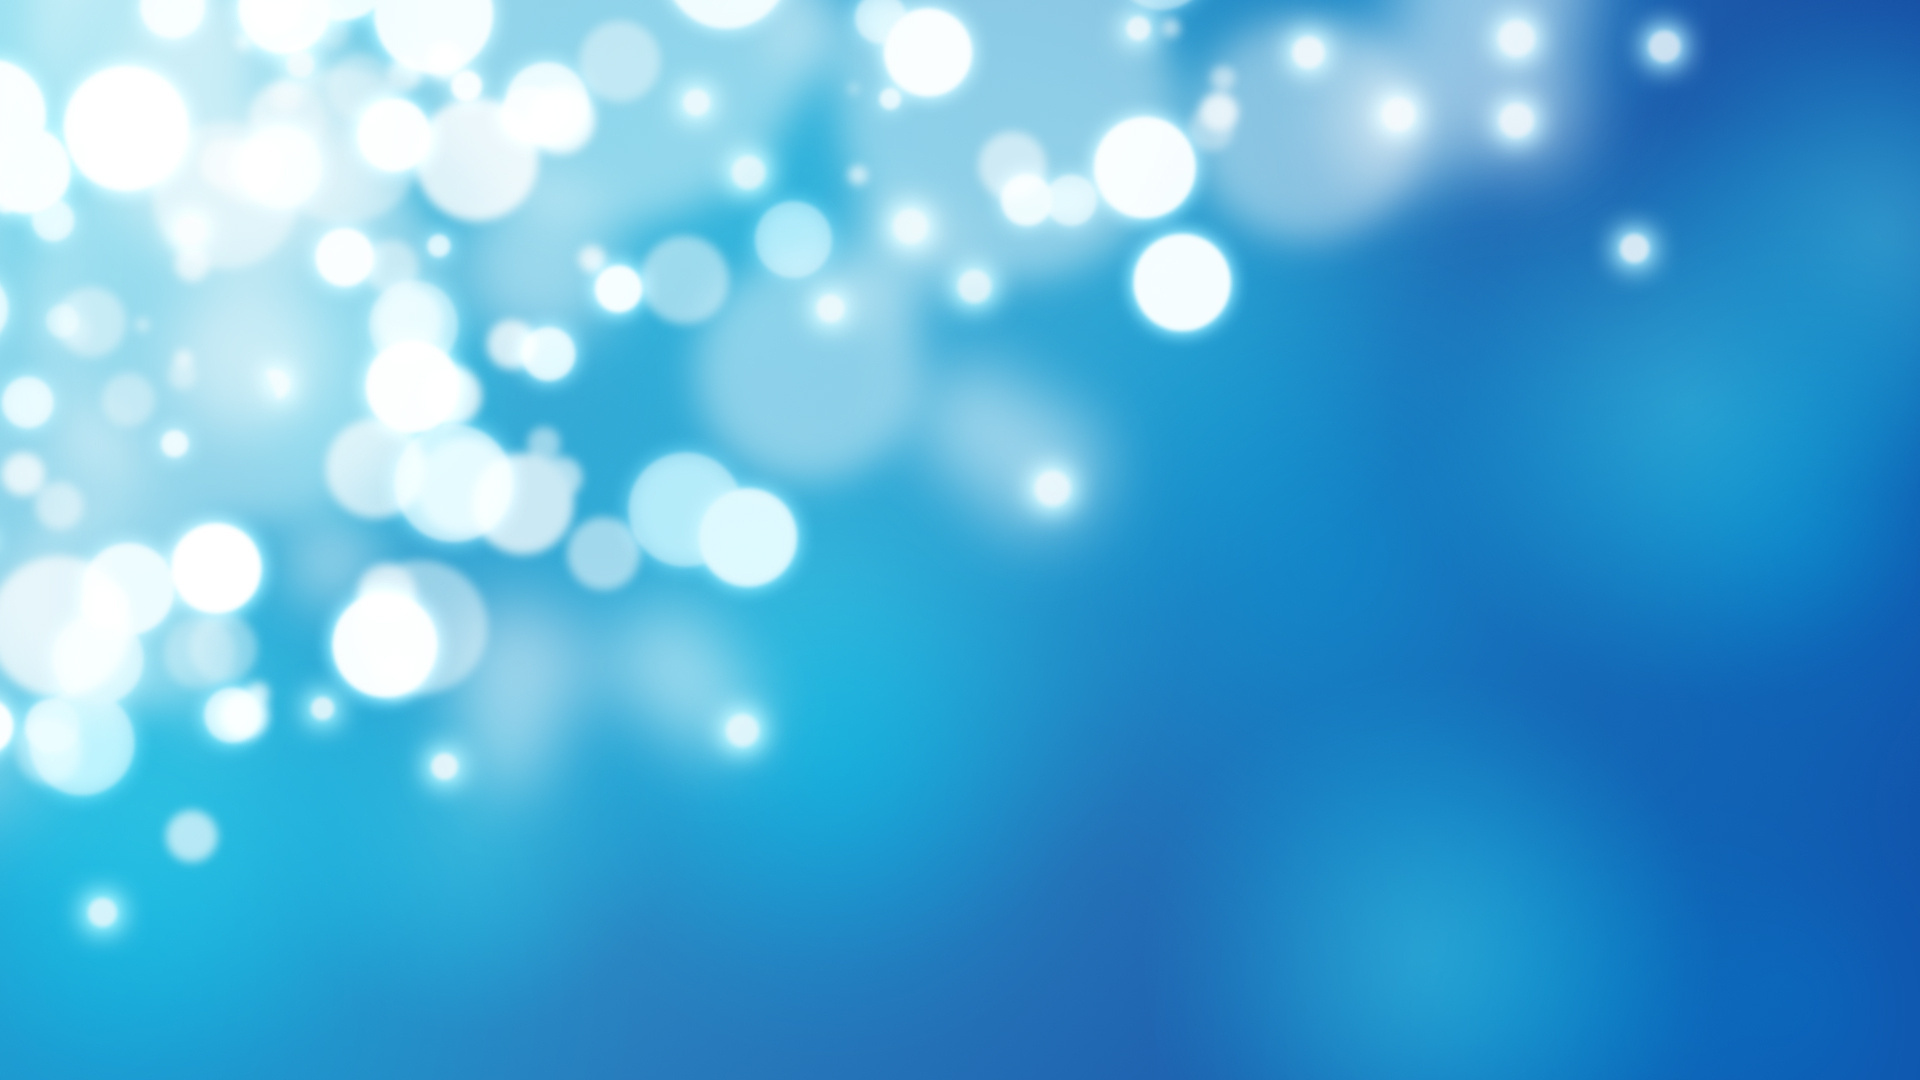 Light Blue Backgrounds Wallpaper